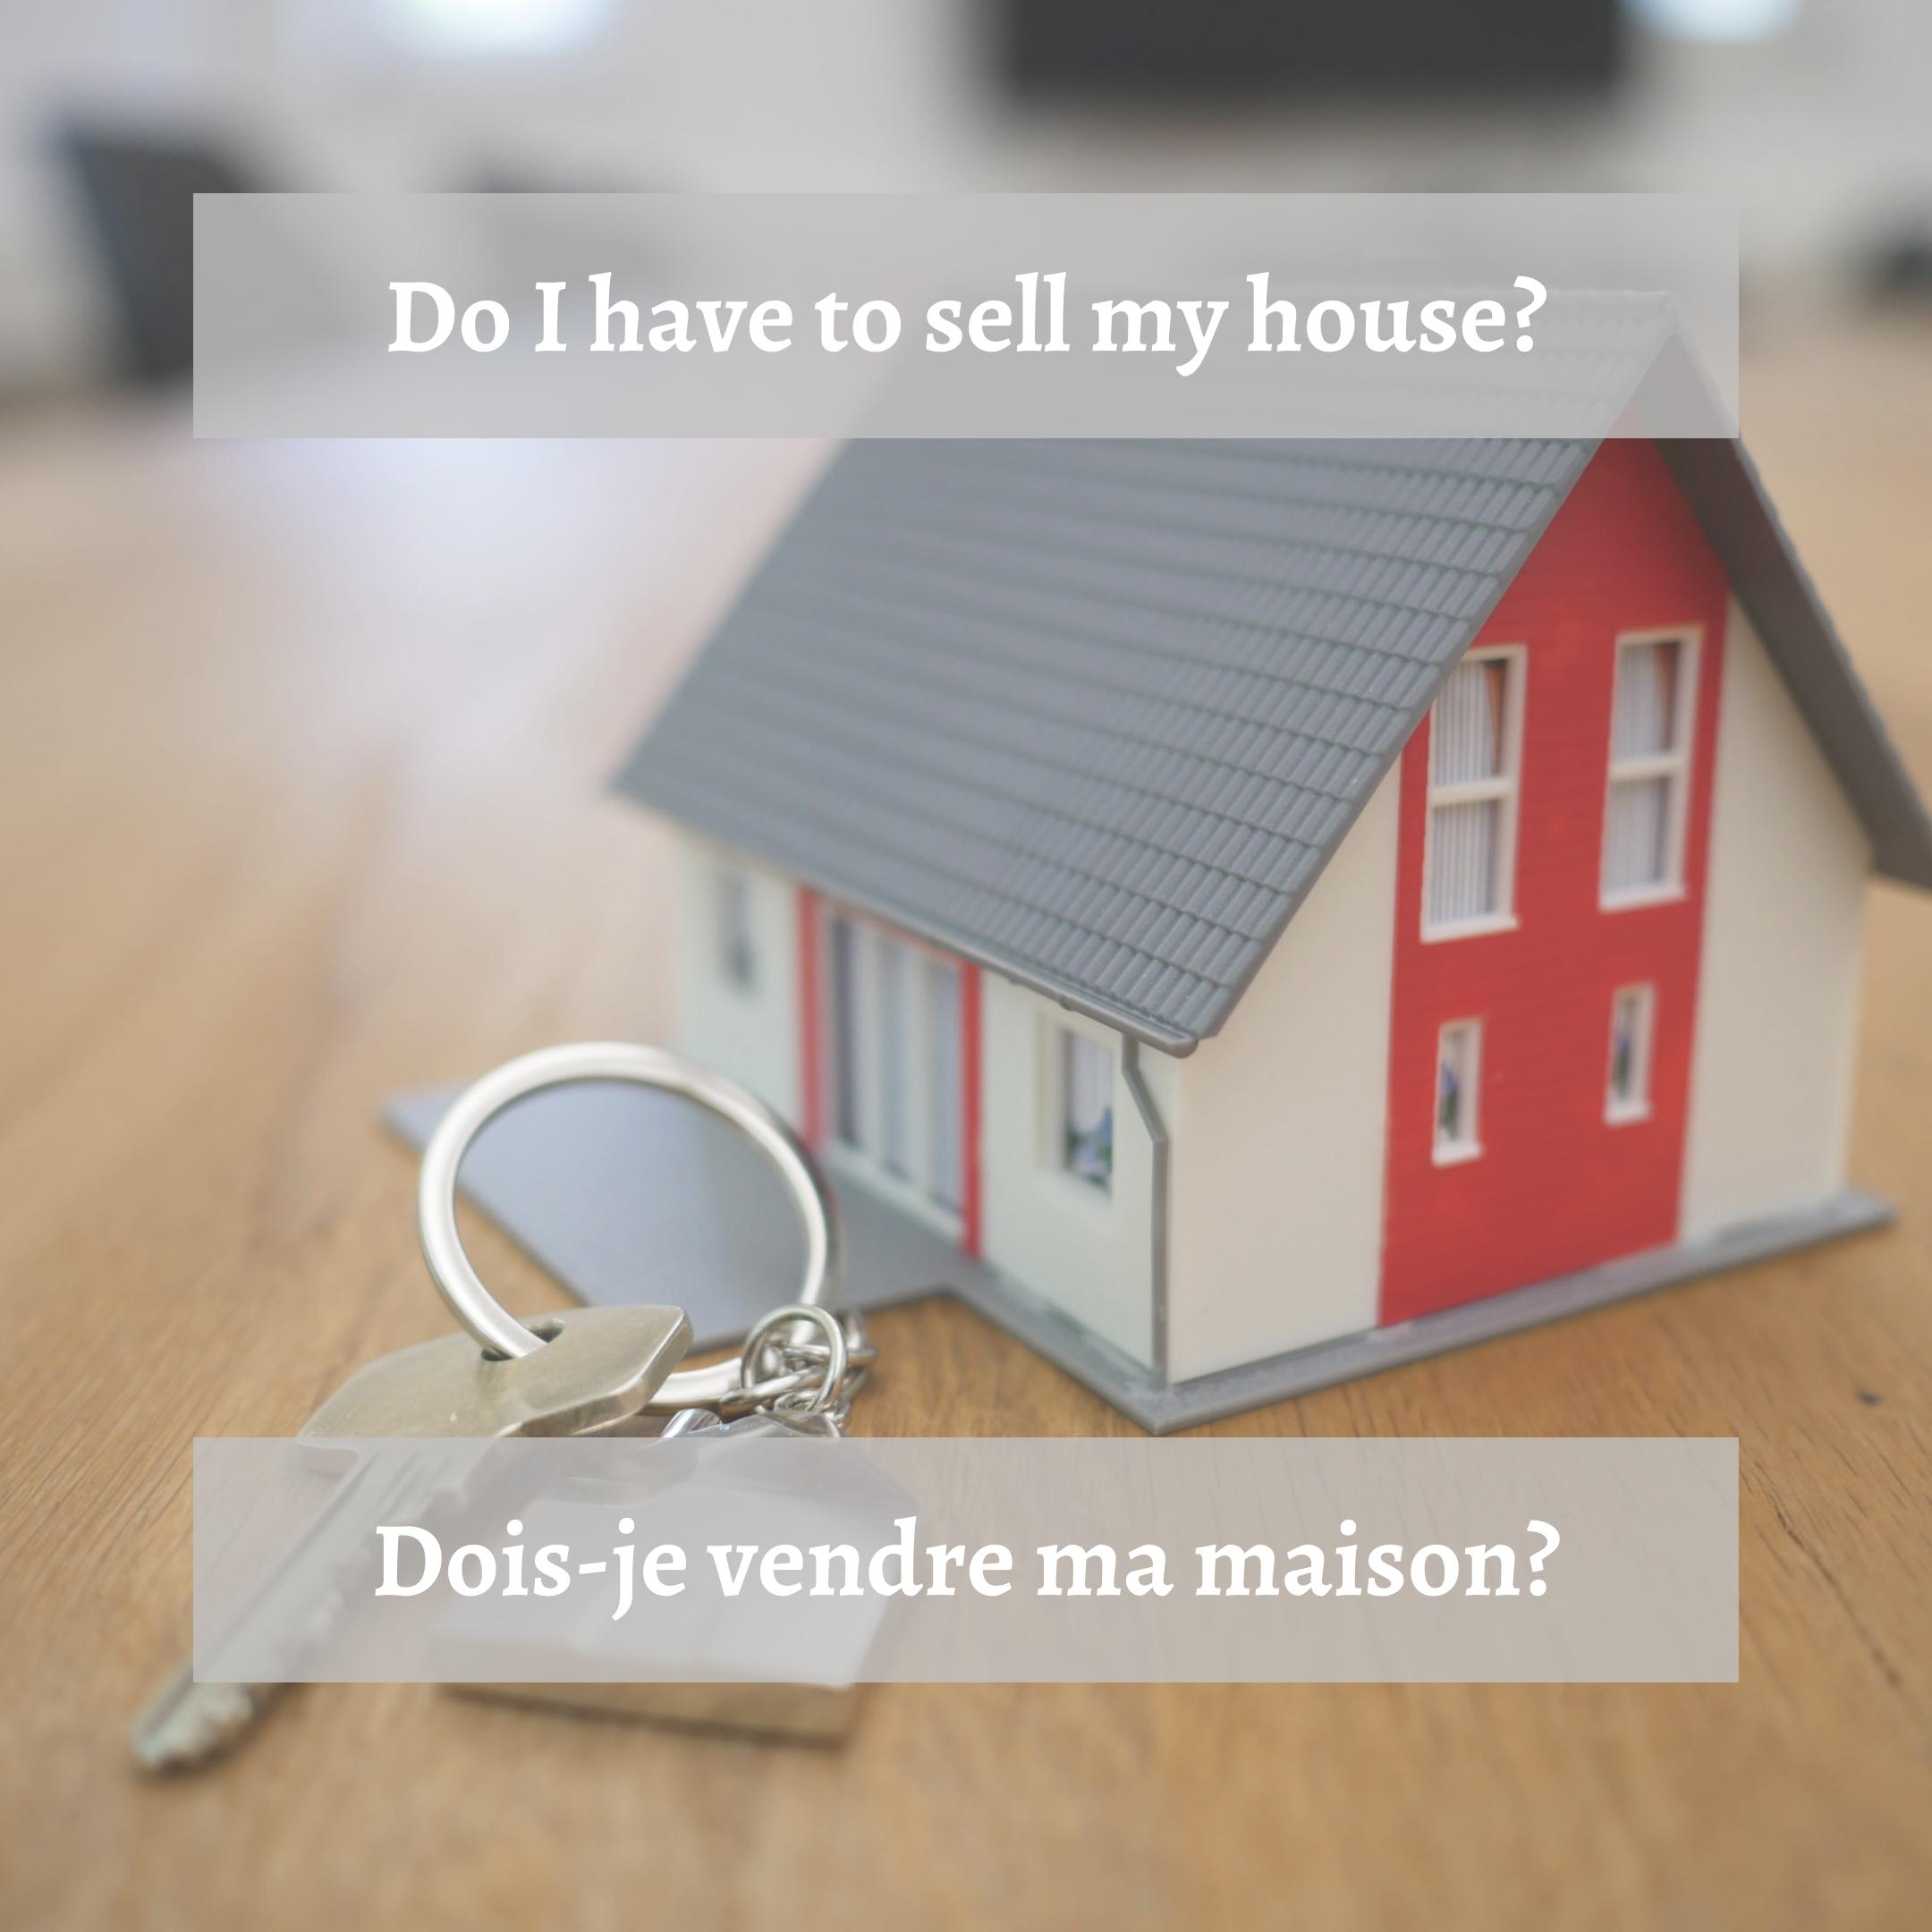 Dois-je vendre ma maison ?